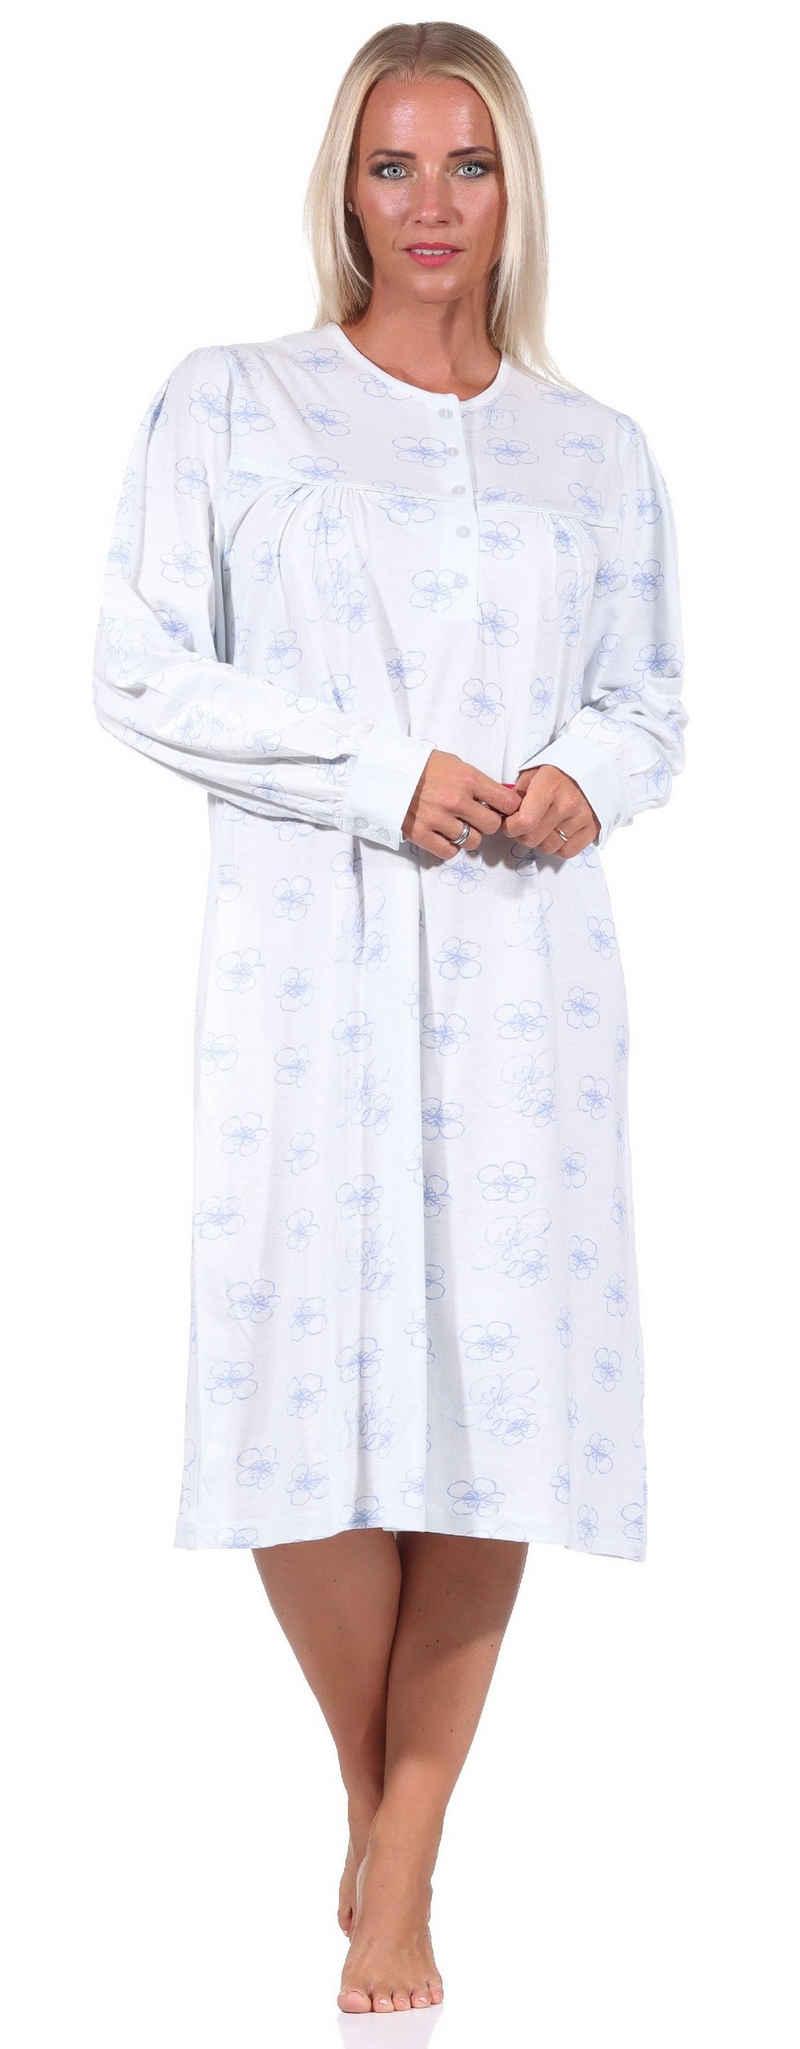 Normann Nachthemd »Elegantes frauliches Damen Nachthemd,105 cm Länge, Knopfleiste am Hals - 212 314 90 314«